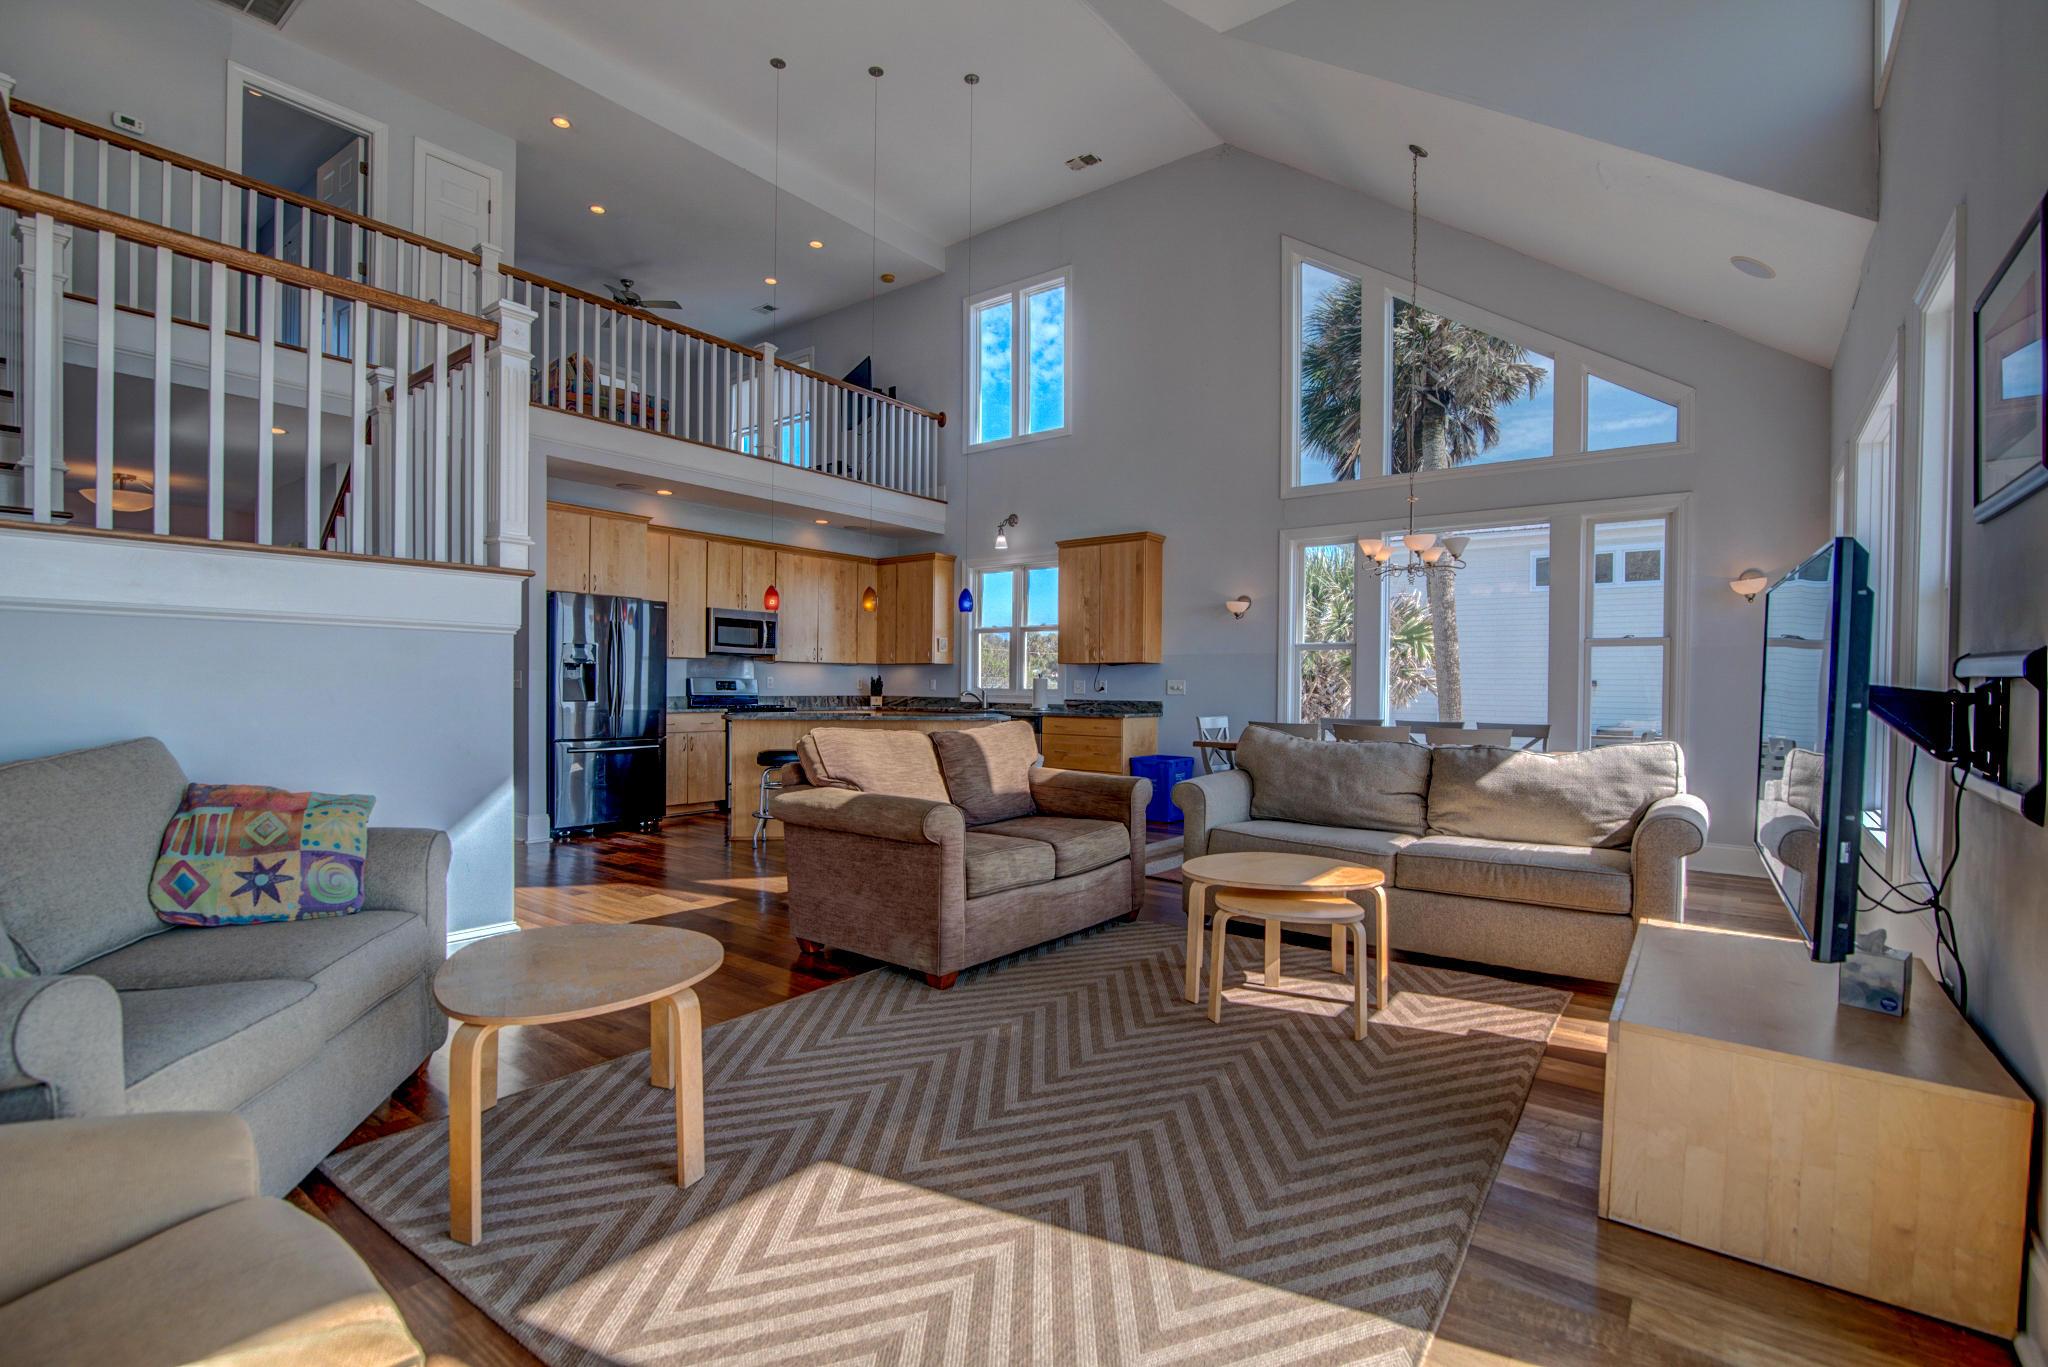 Folly Beach Homes For Sale - 319 Arctic, Folly Beach, SC - 4